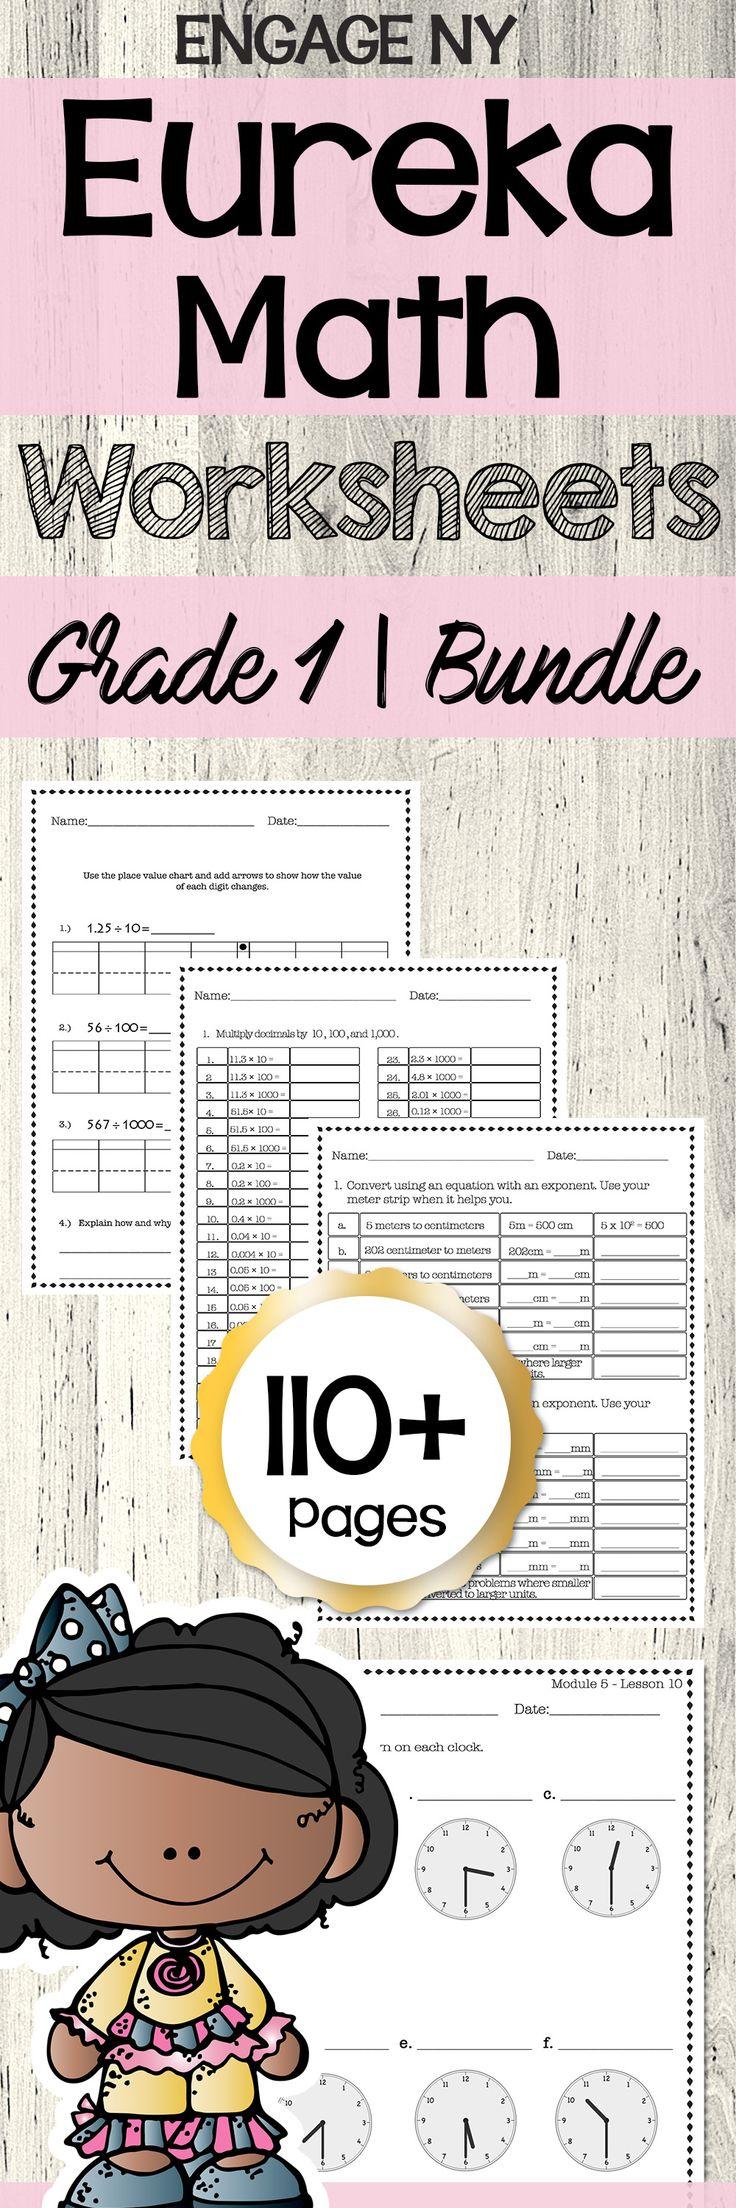 Eureka Math Engage Ny 1st Grade Extra Worksheets Bundle All Modules Eureka Math Math Engage Ny Math [ 2208 x 736 Pixel ]